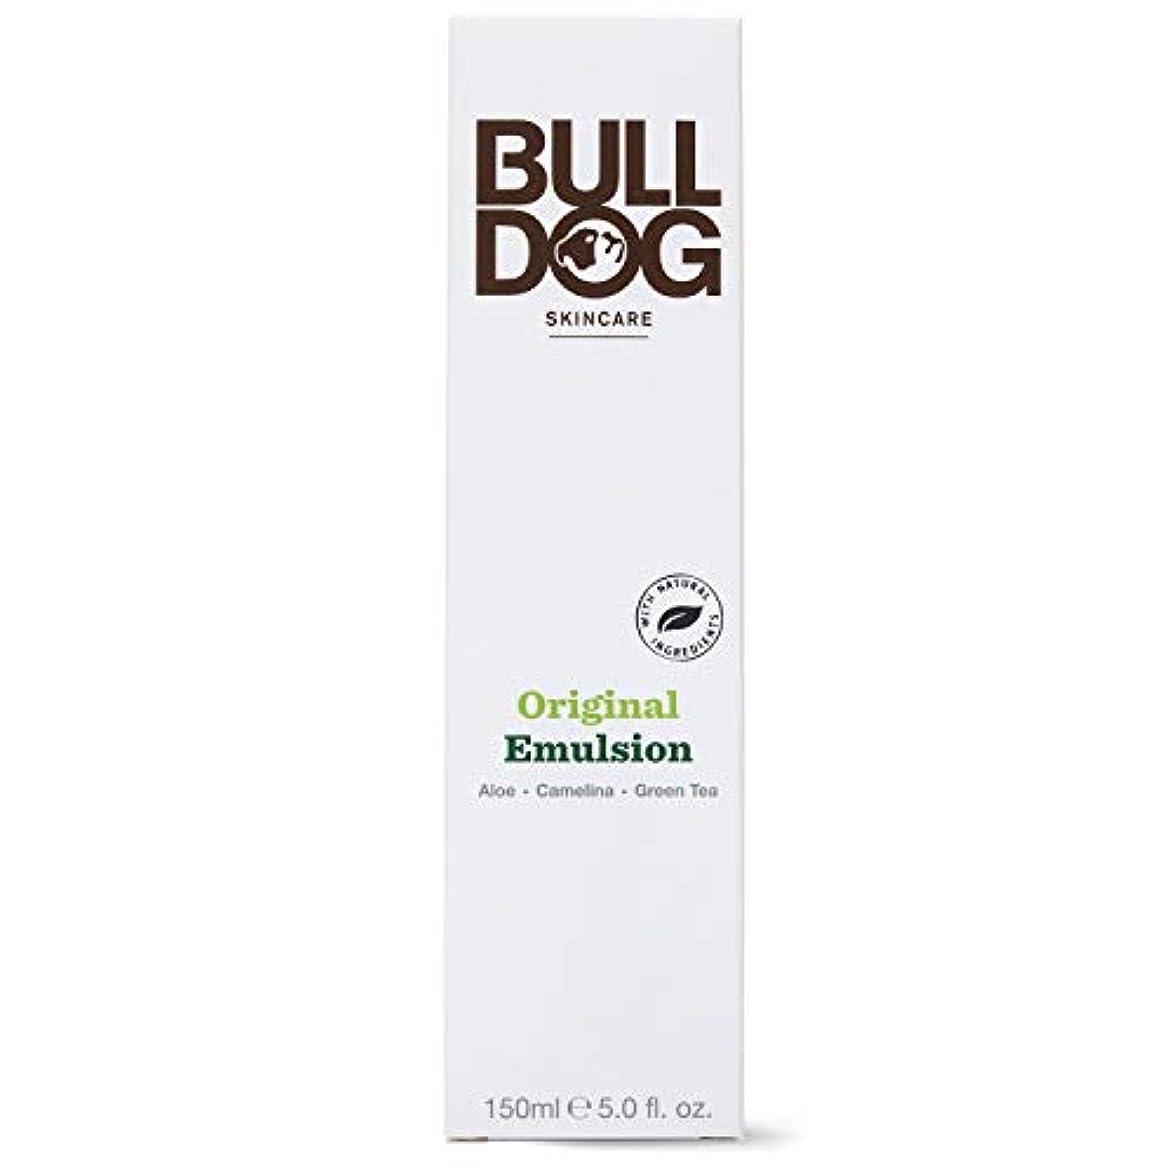 ツール濃度注文Bulldog(ブルドッグ) ブルドッグ Bulldog オリジナル エマルジョン 乳液 150ml 肌をすっきり なめらかに